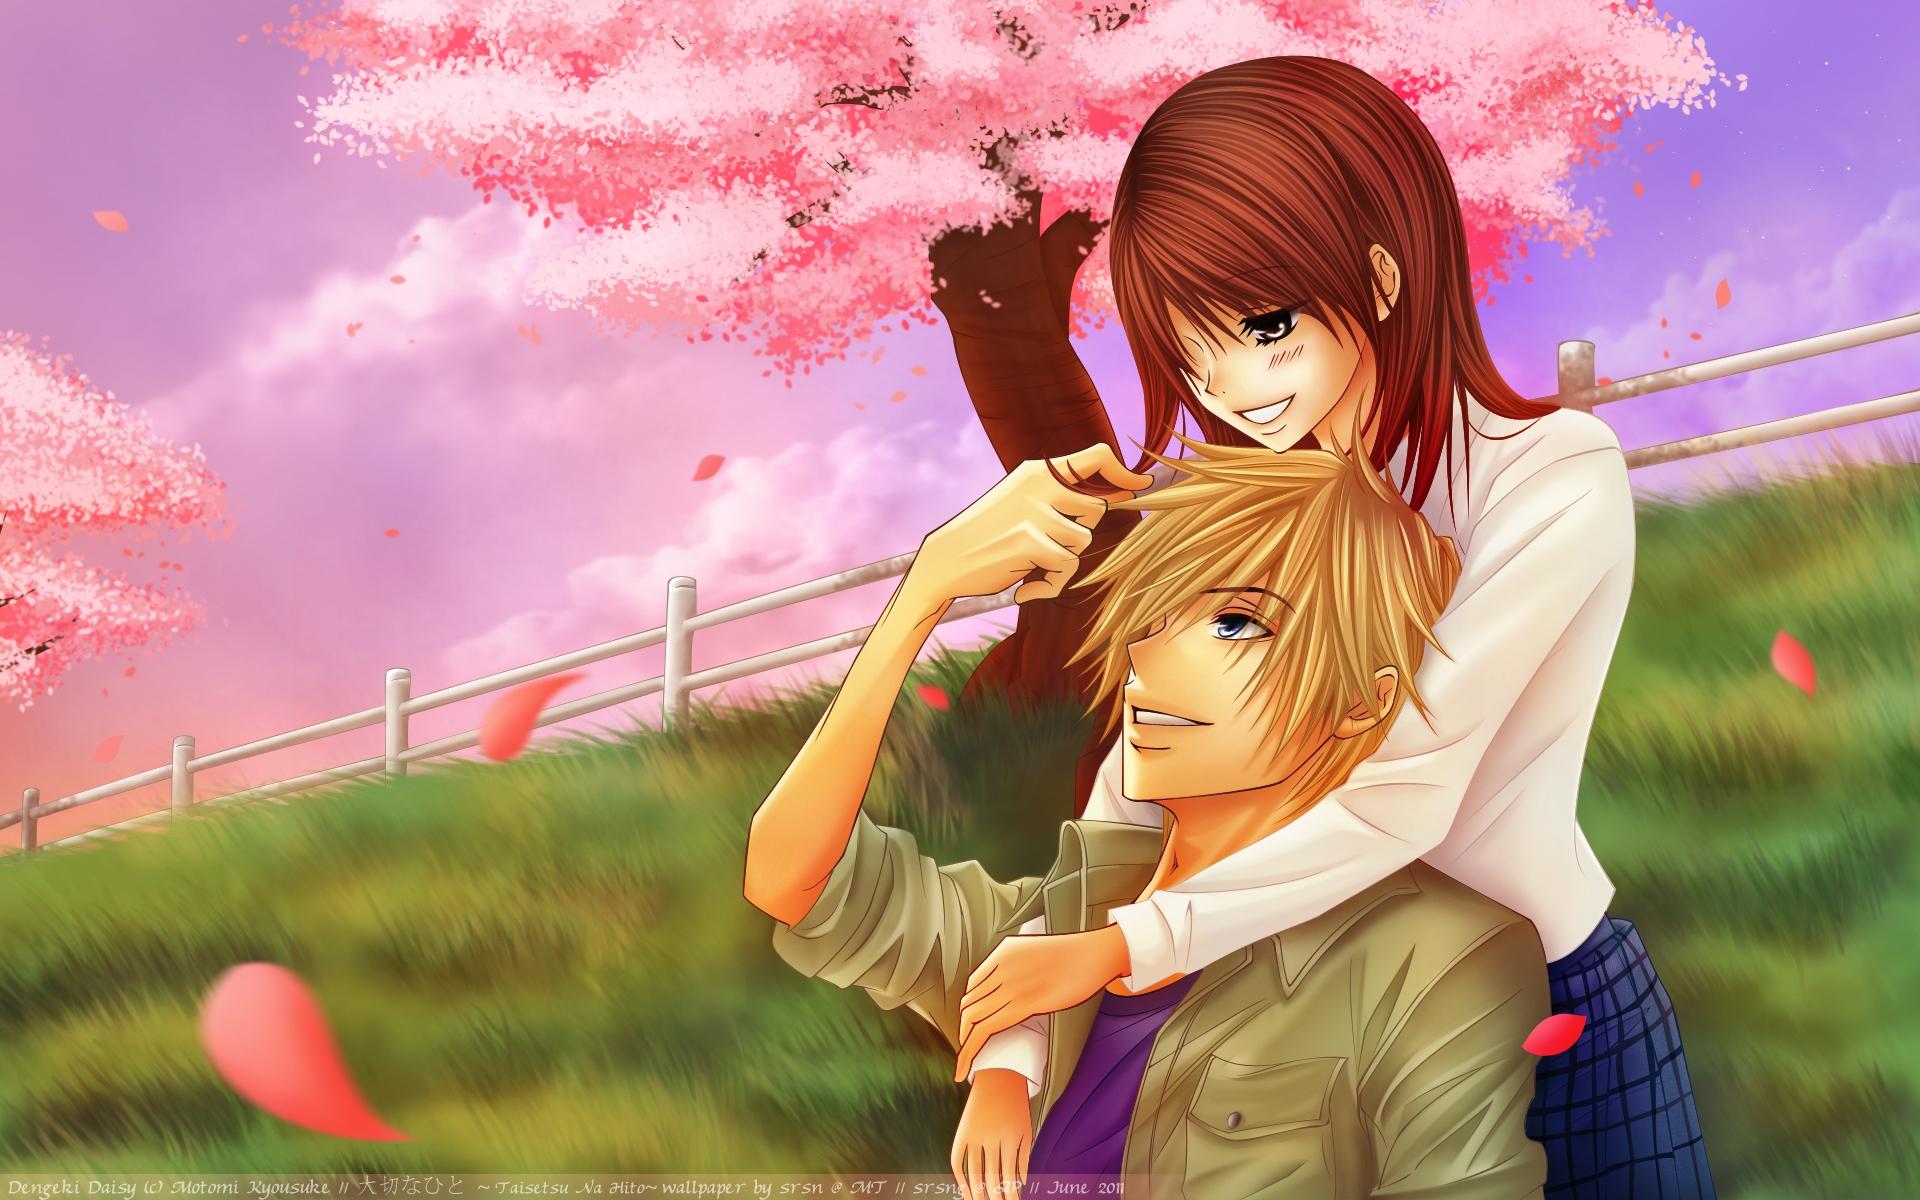 Fondos De Pantalla Anime Romance Flor Niña Sonreír